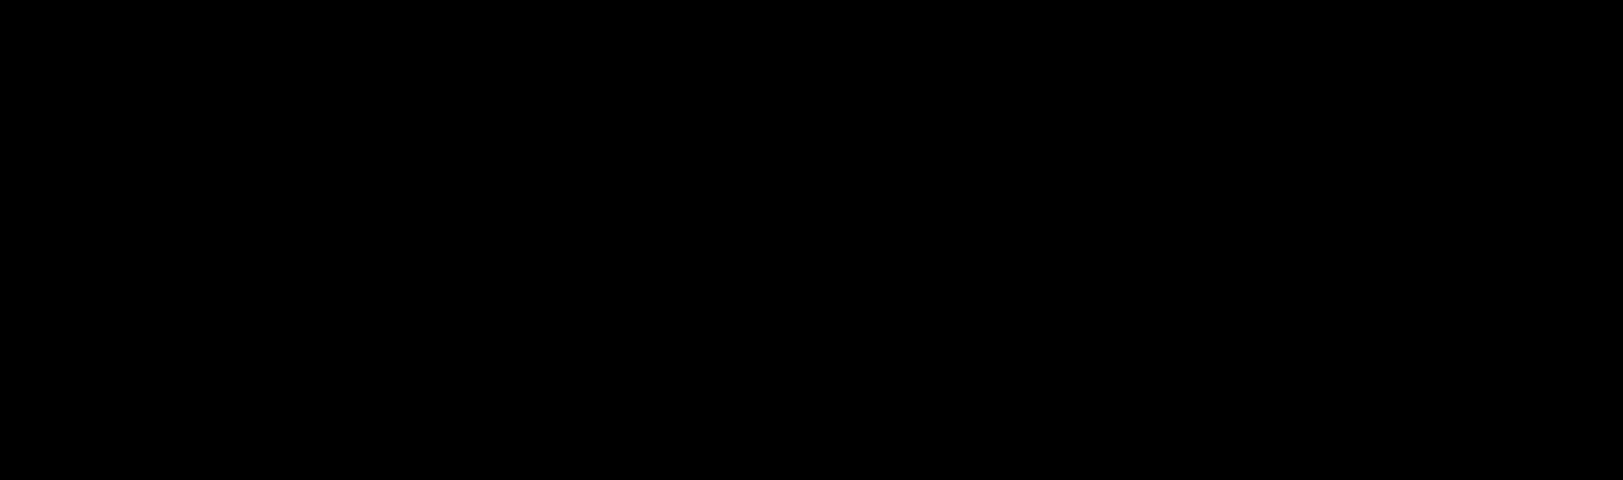 1,5-Bis(4-amidinophenoxy)-3-pentanol